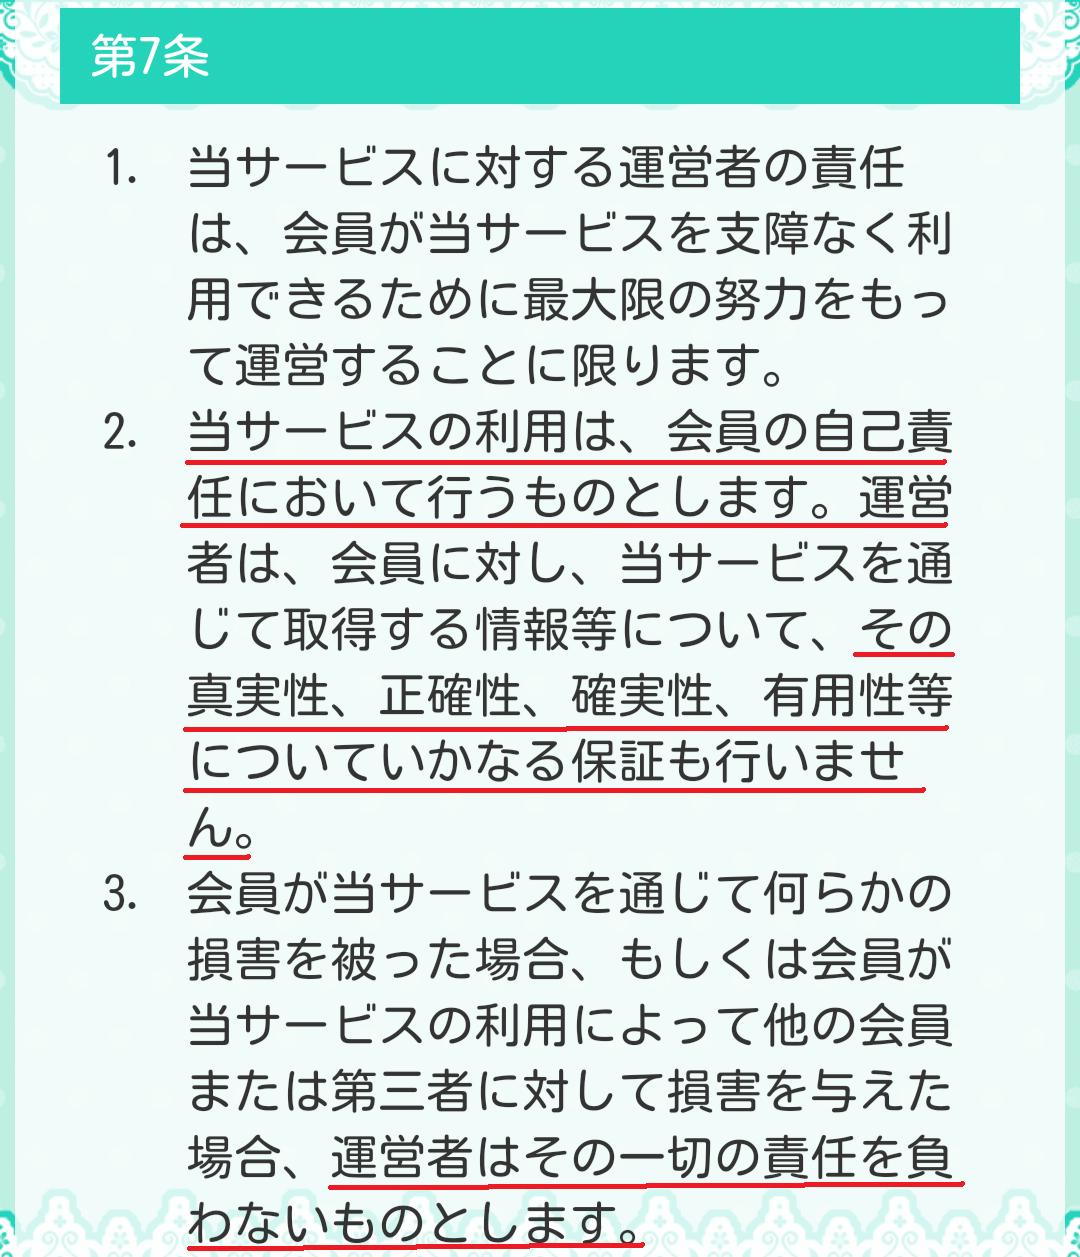 無料登録の人気アプリ「楽チャット」友達・恋人探しトークSNS